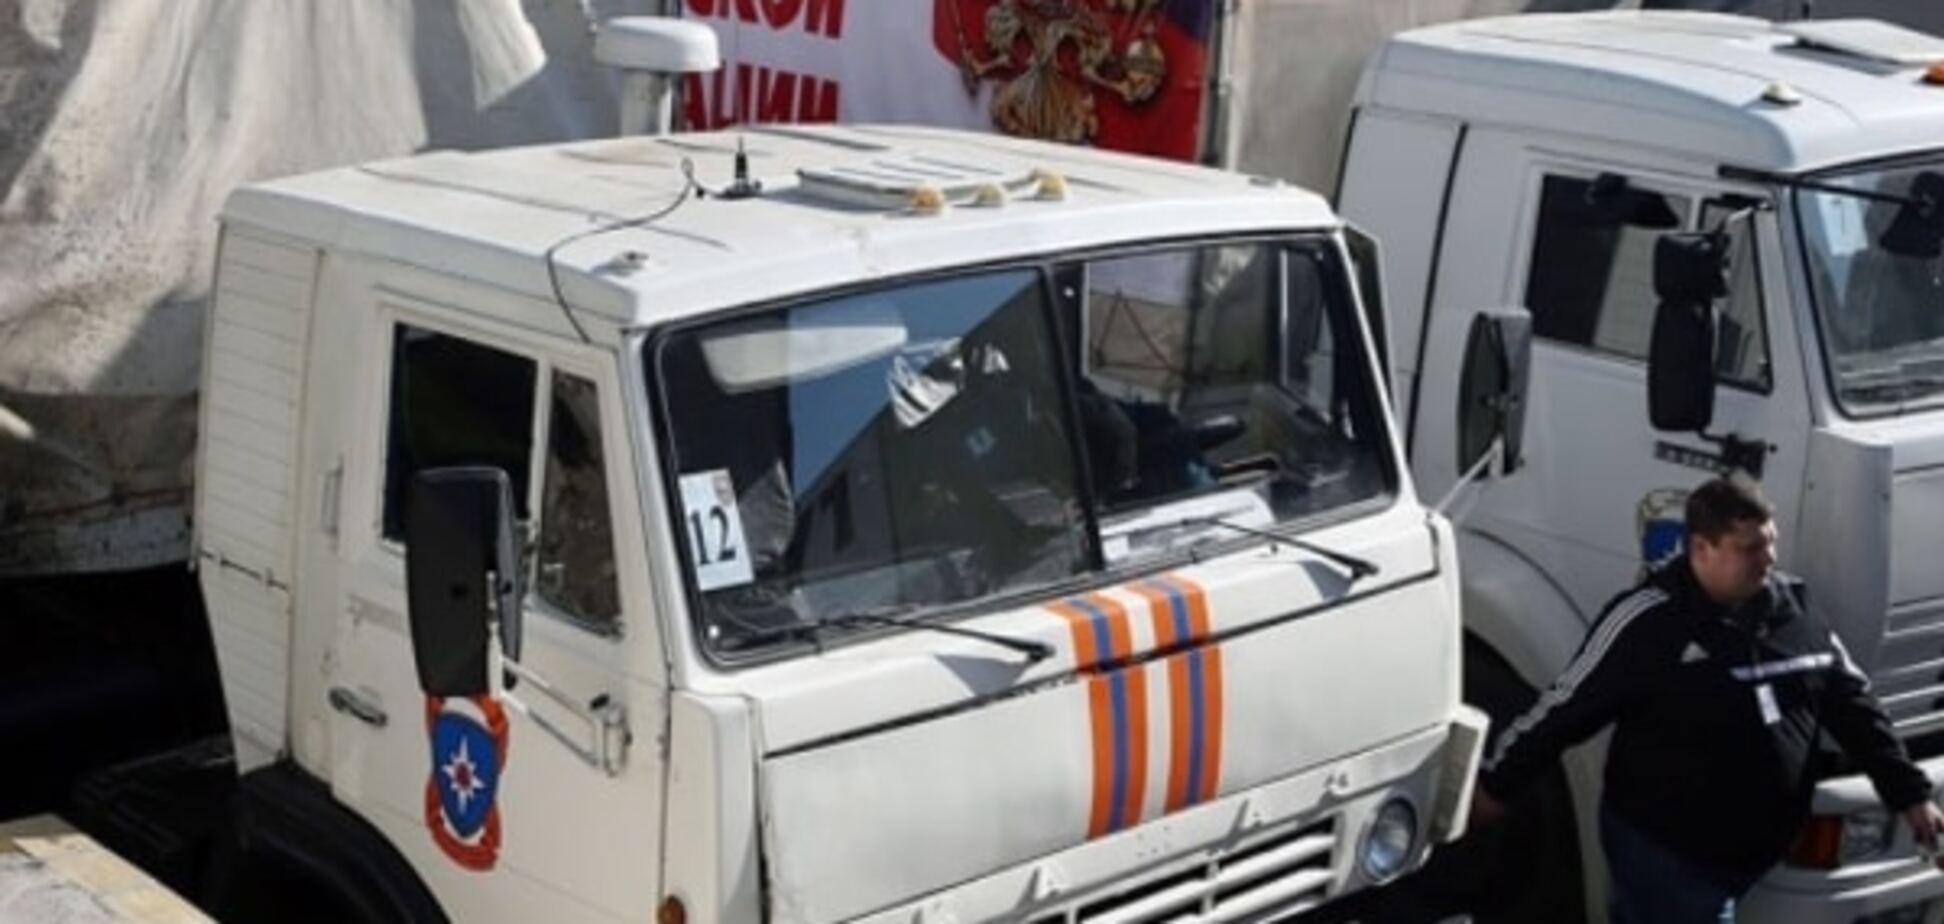 Снєгірьов розповів, як терористи у Брянці 'розпиляли' російську гуманітарку